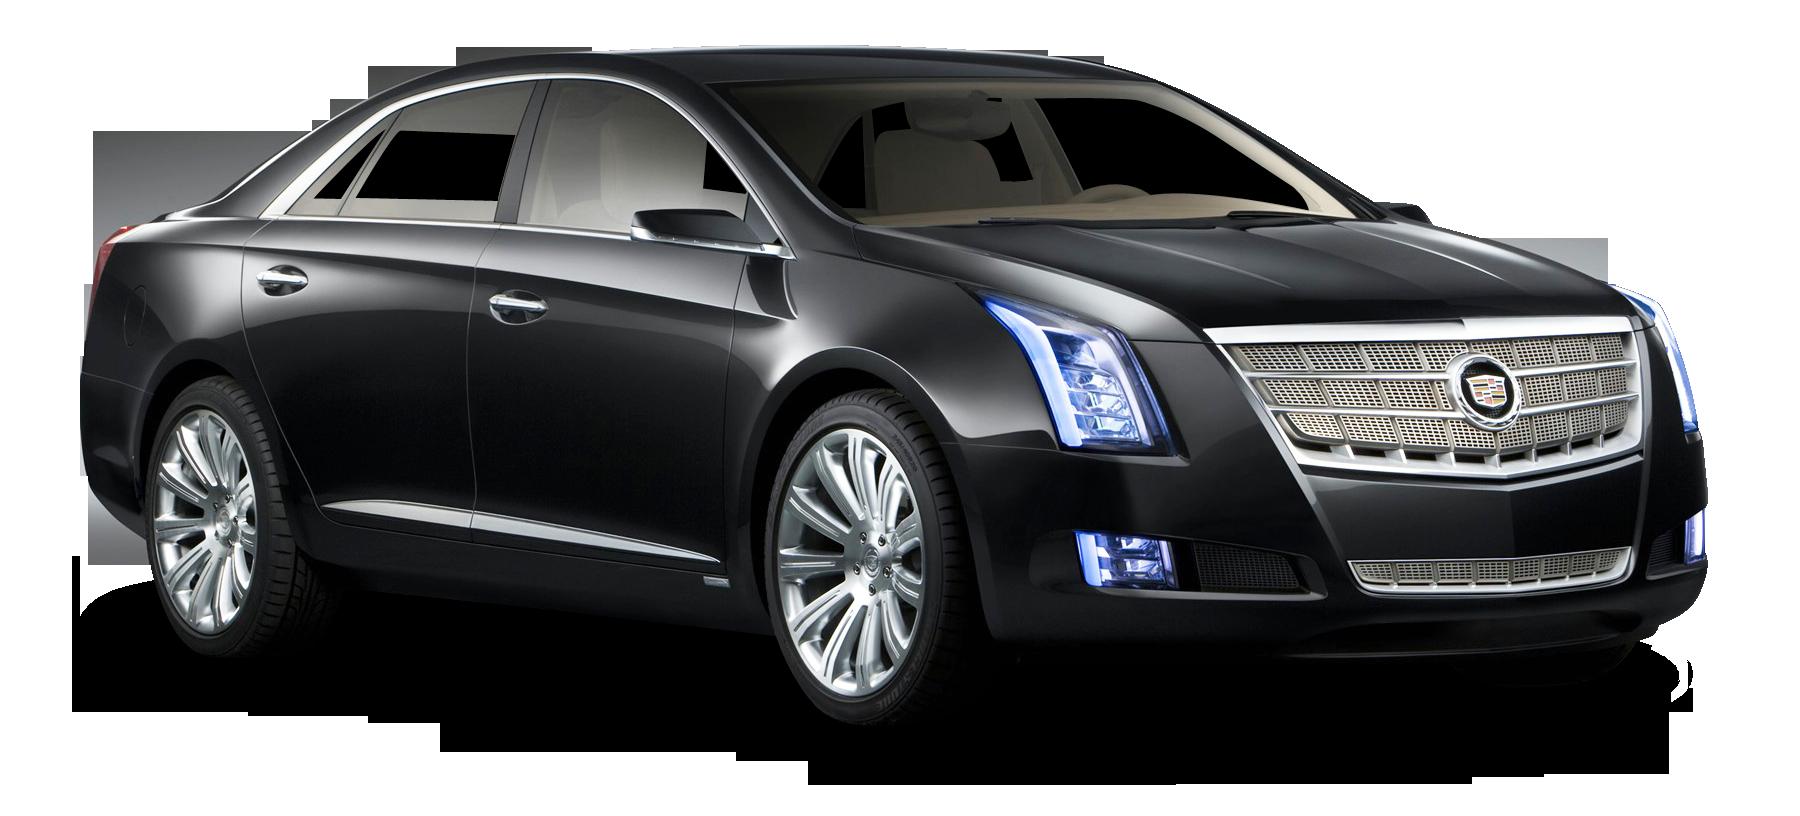 Cadilac car clipart clip art download Cadillac PNG Images Transparent Free Download | PNGMart.com clip art download